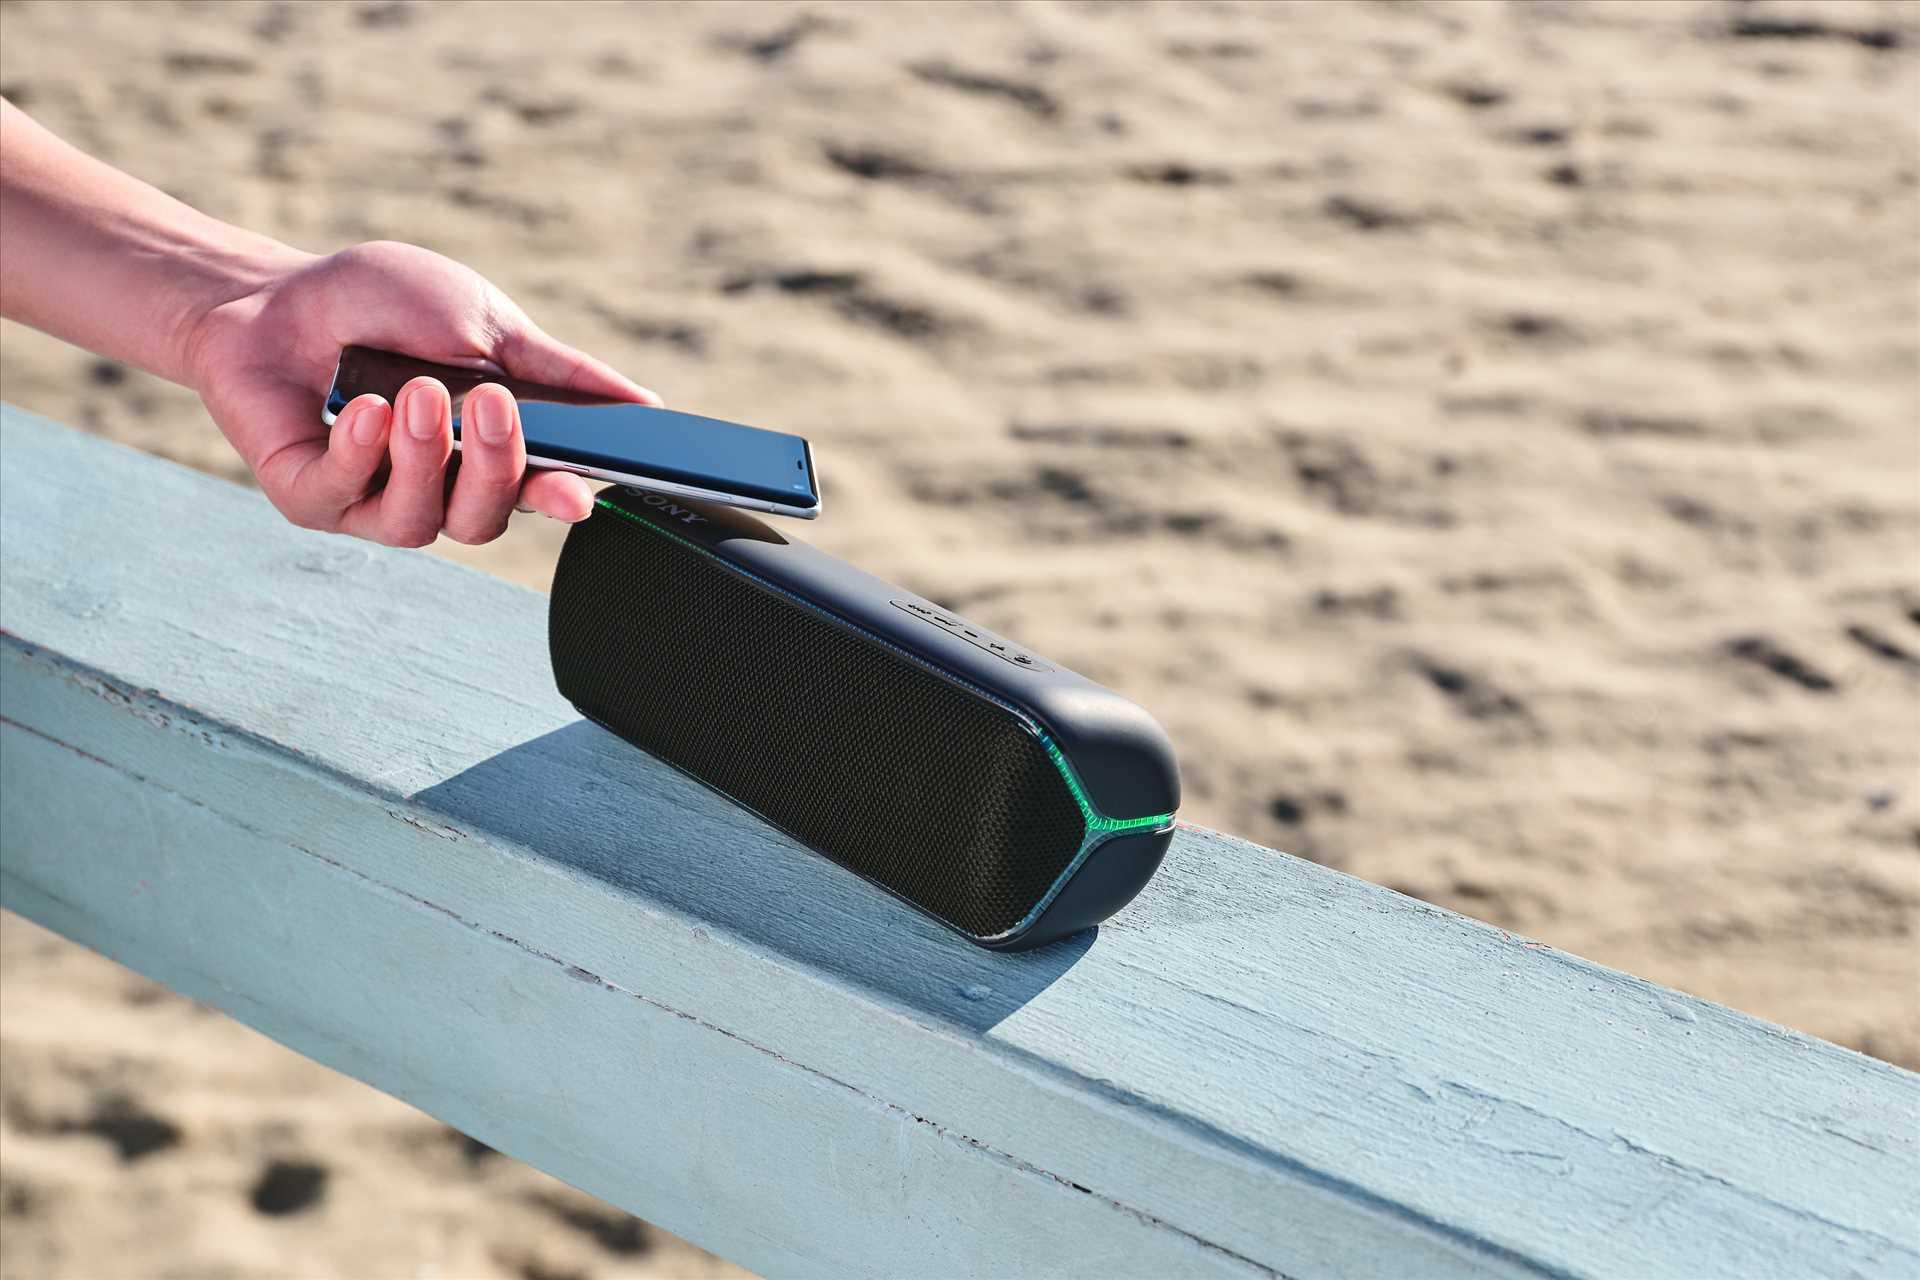 רמקול נייד שחור Sony SRS-XB32B סוני - תמונה 14